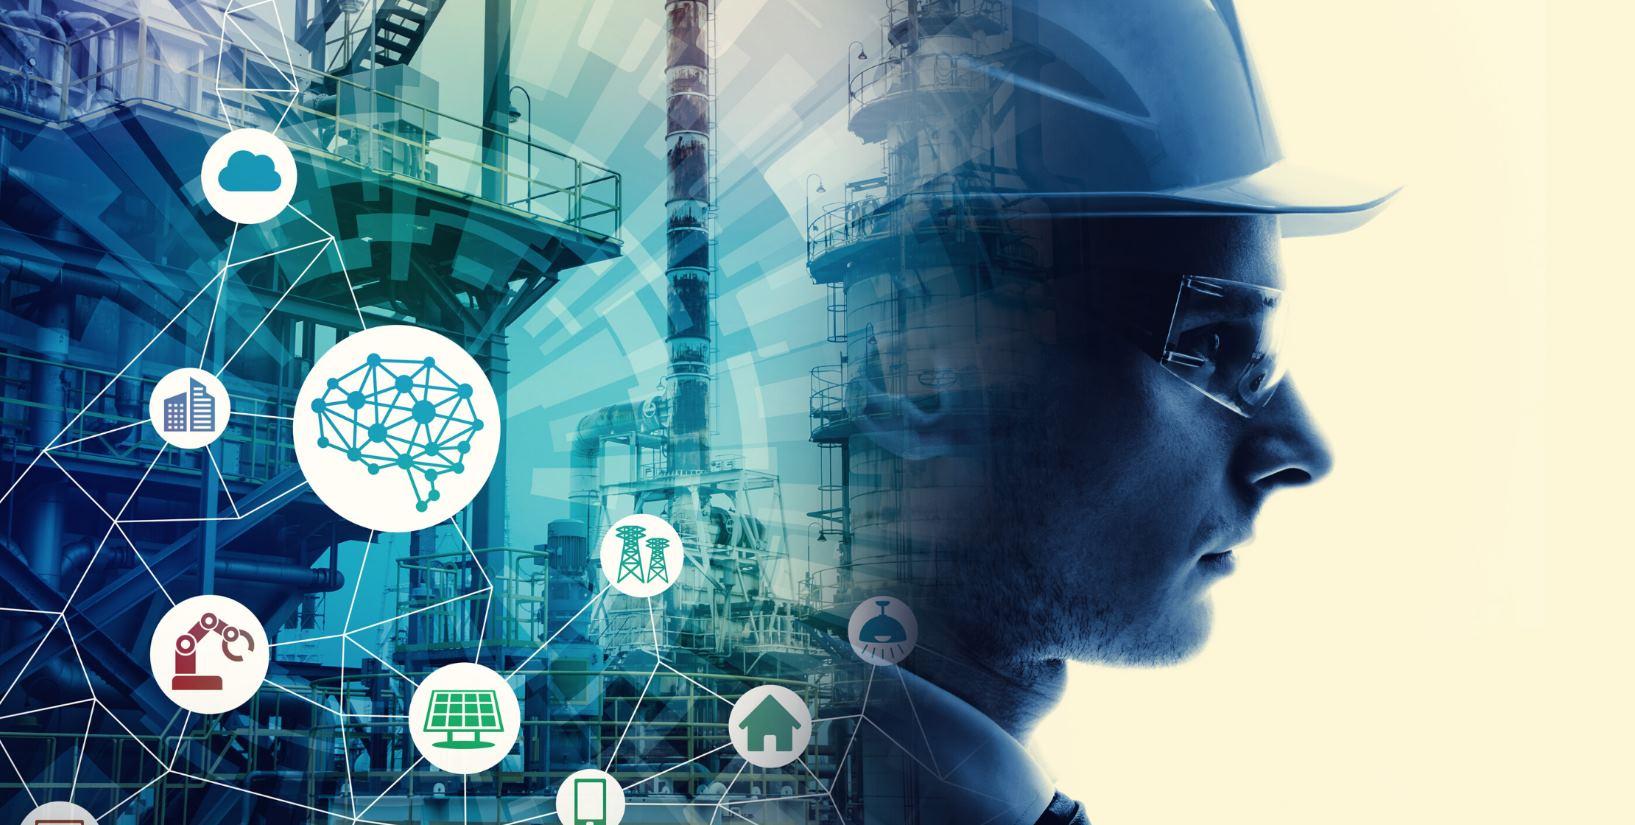 Solo sobreviven los paranoicos: La inteligencia artificial al cuidado de la seguridad industrial